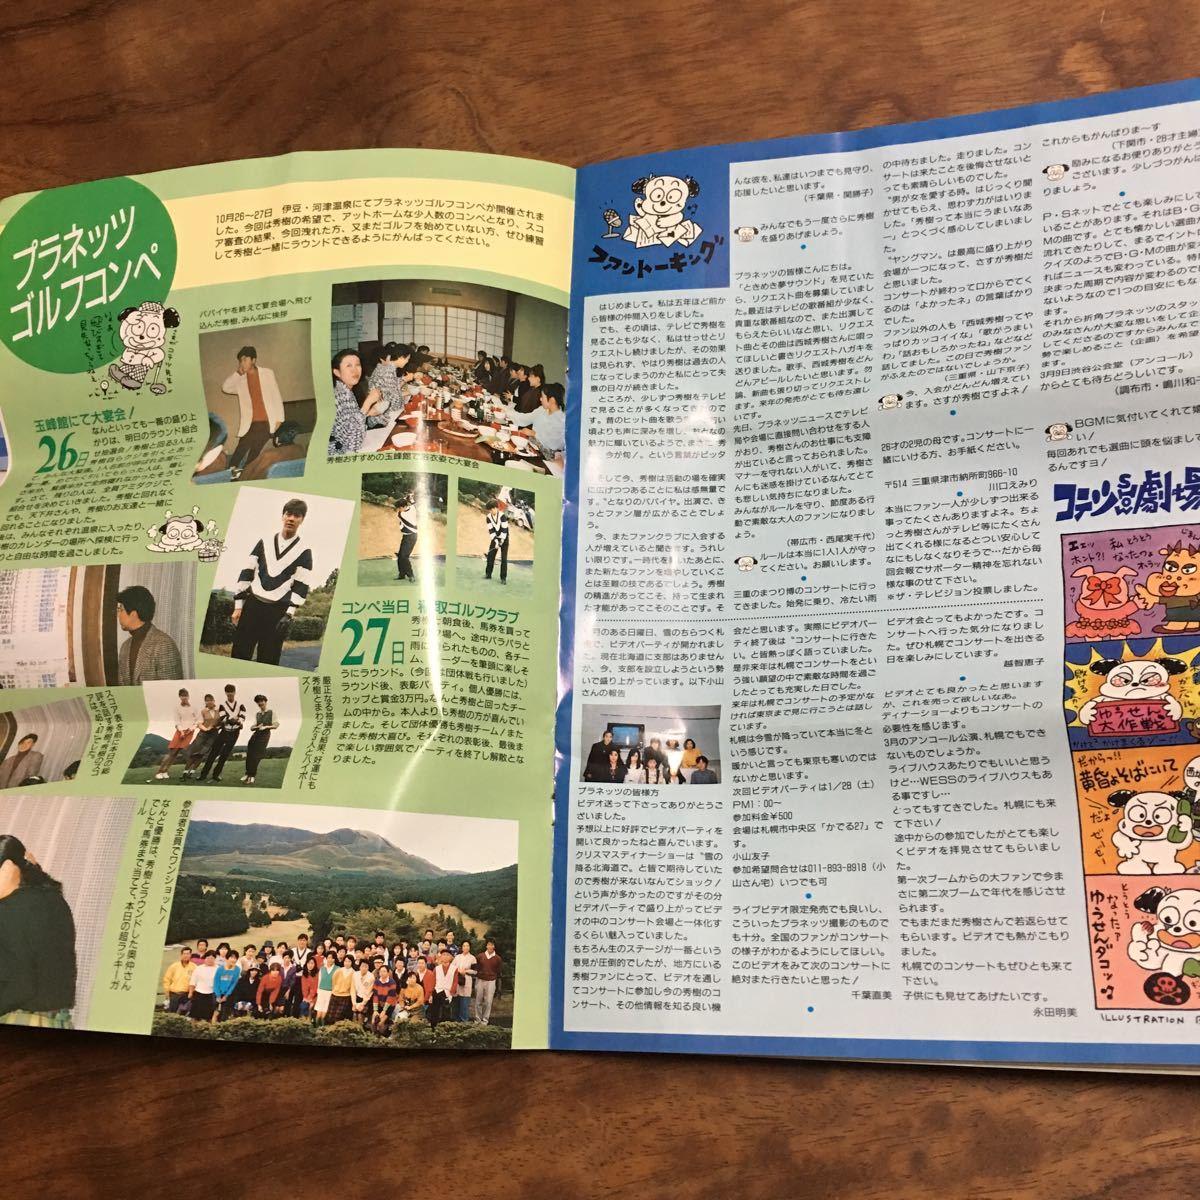 西城秀樹 ファンクラブ会報誌 DUET 1994 vol 39_画像4